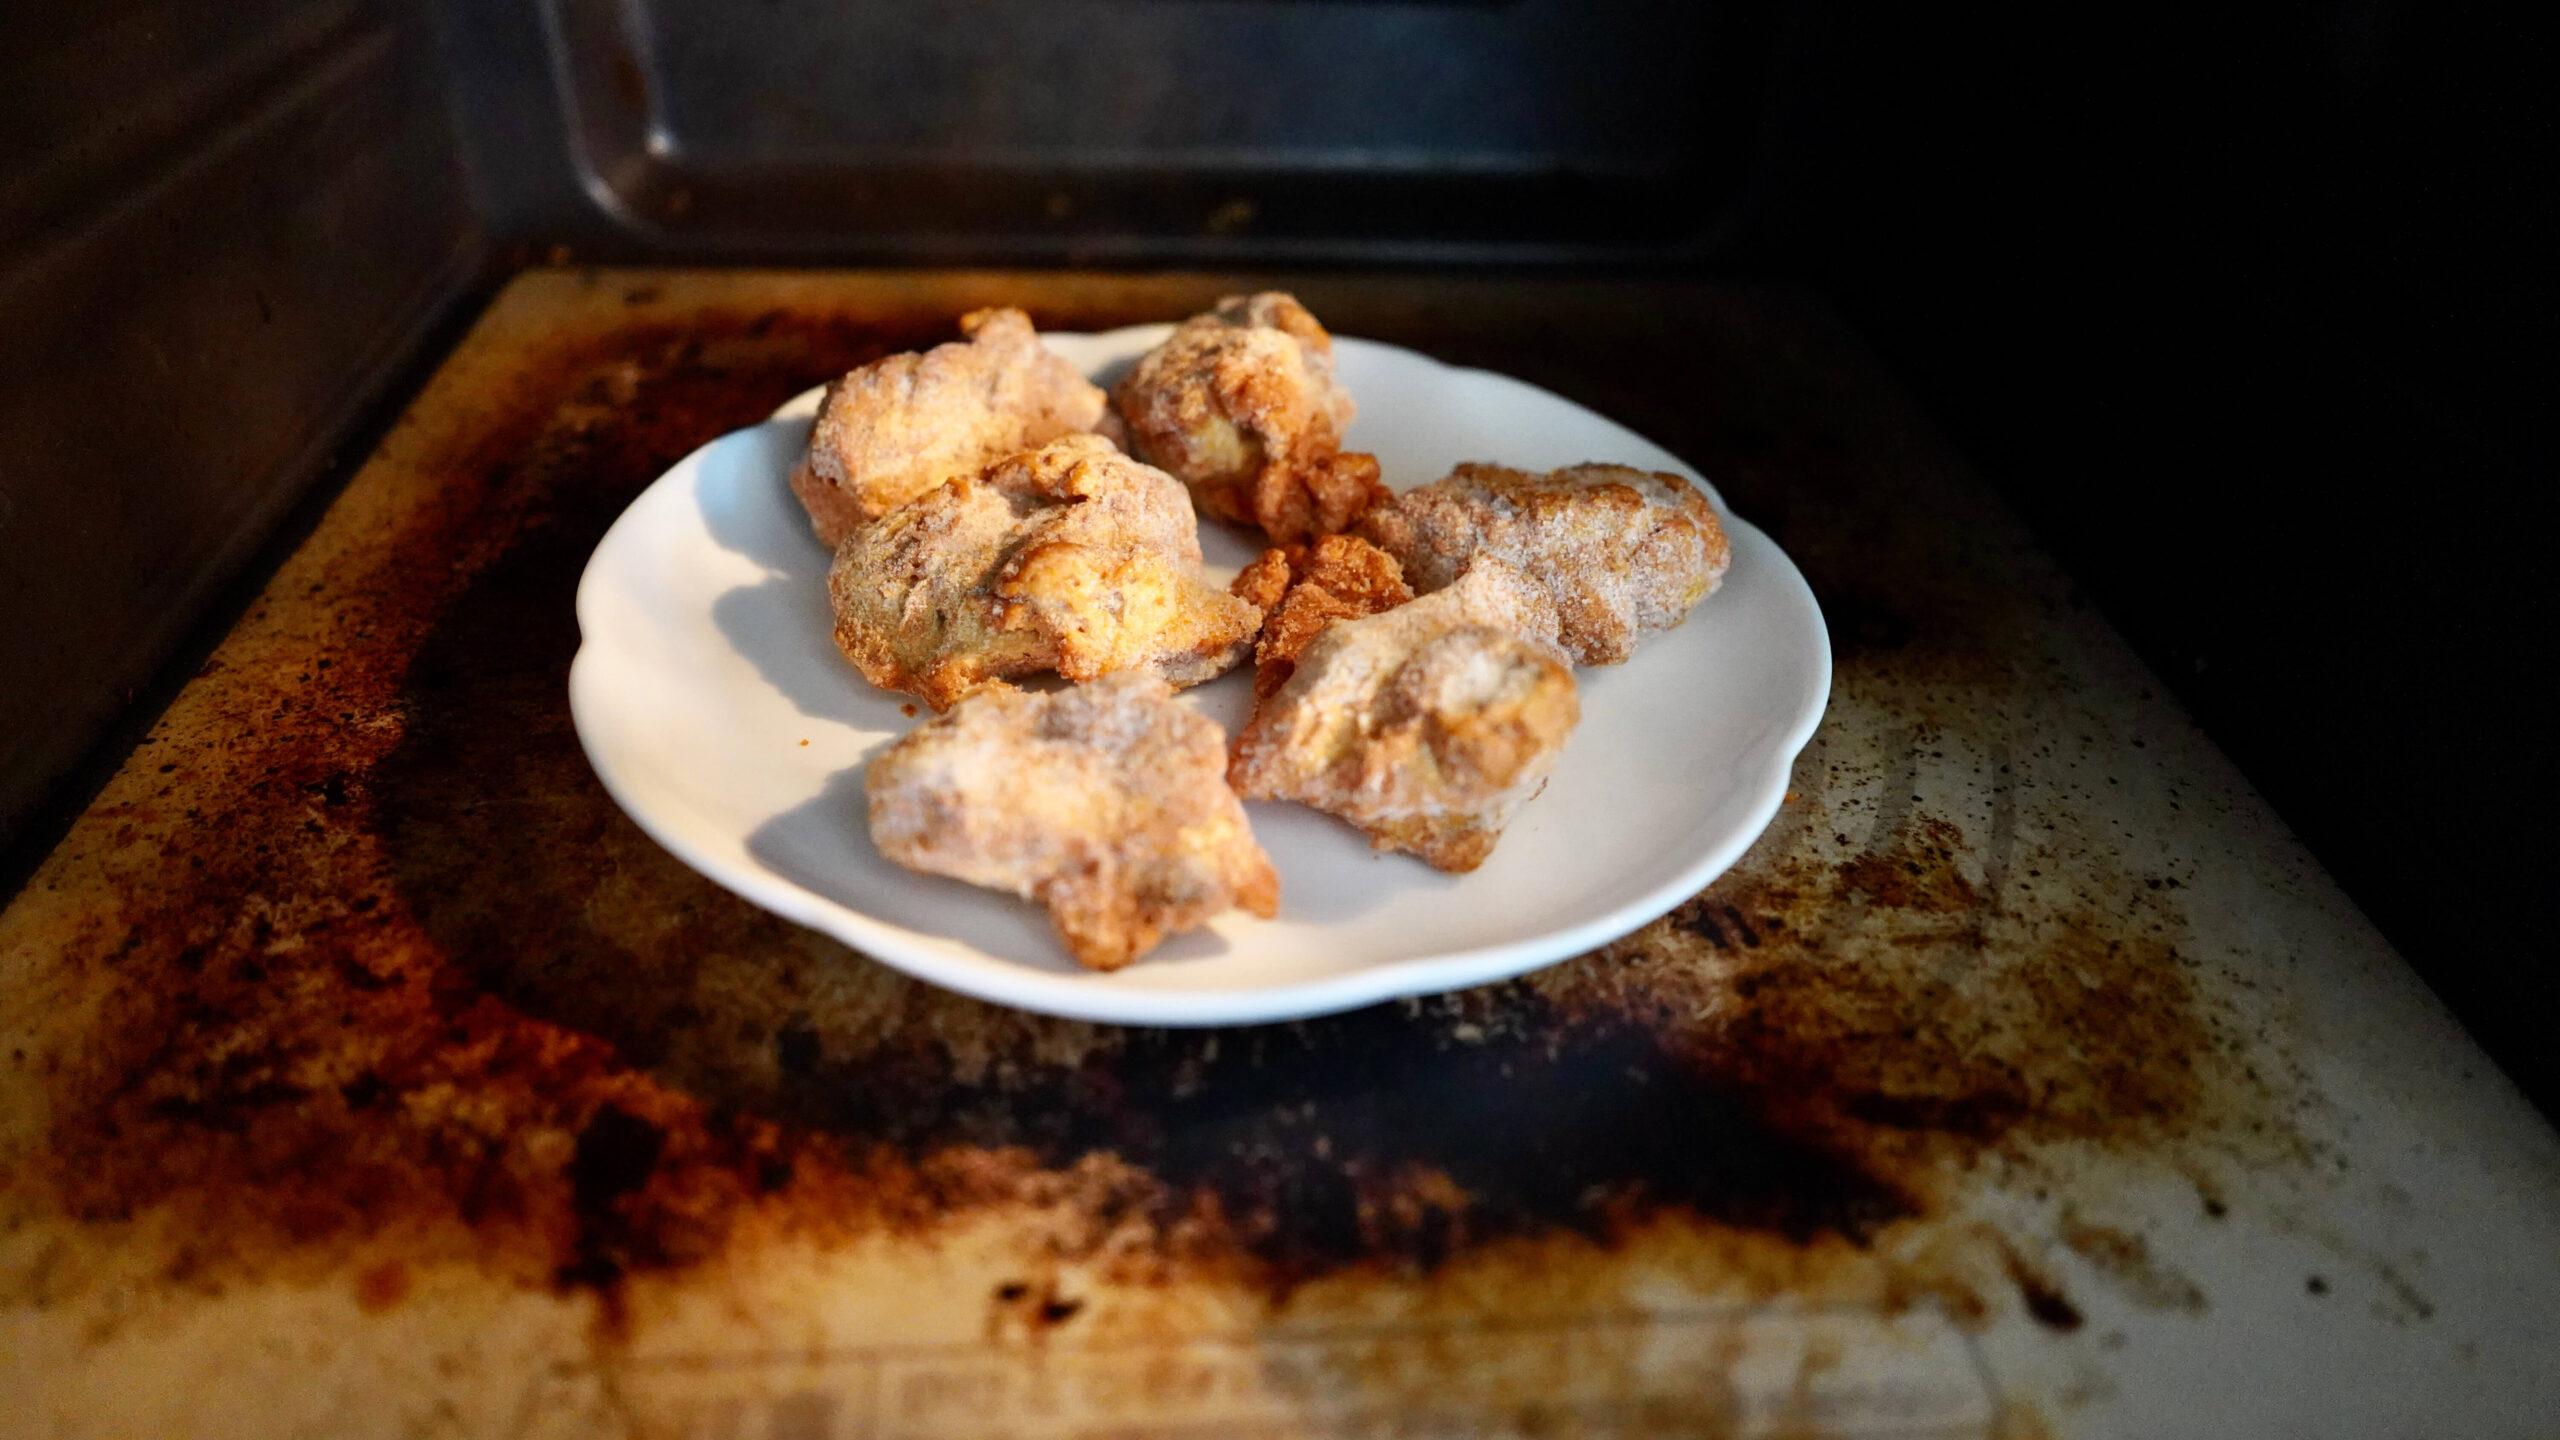 イオン・トップバリュの冷凍食品「ごろっとうまい若鶏ももから揚げ」を電子レンジで加熱している写真